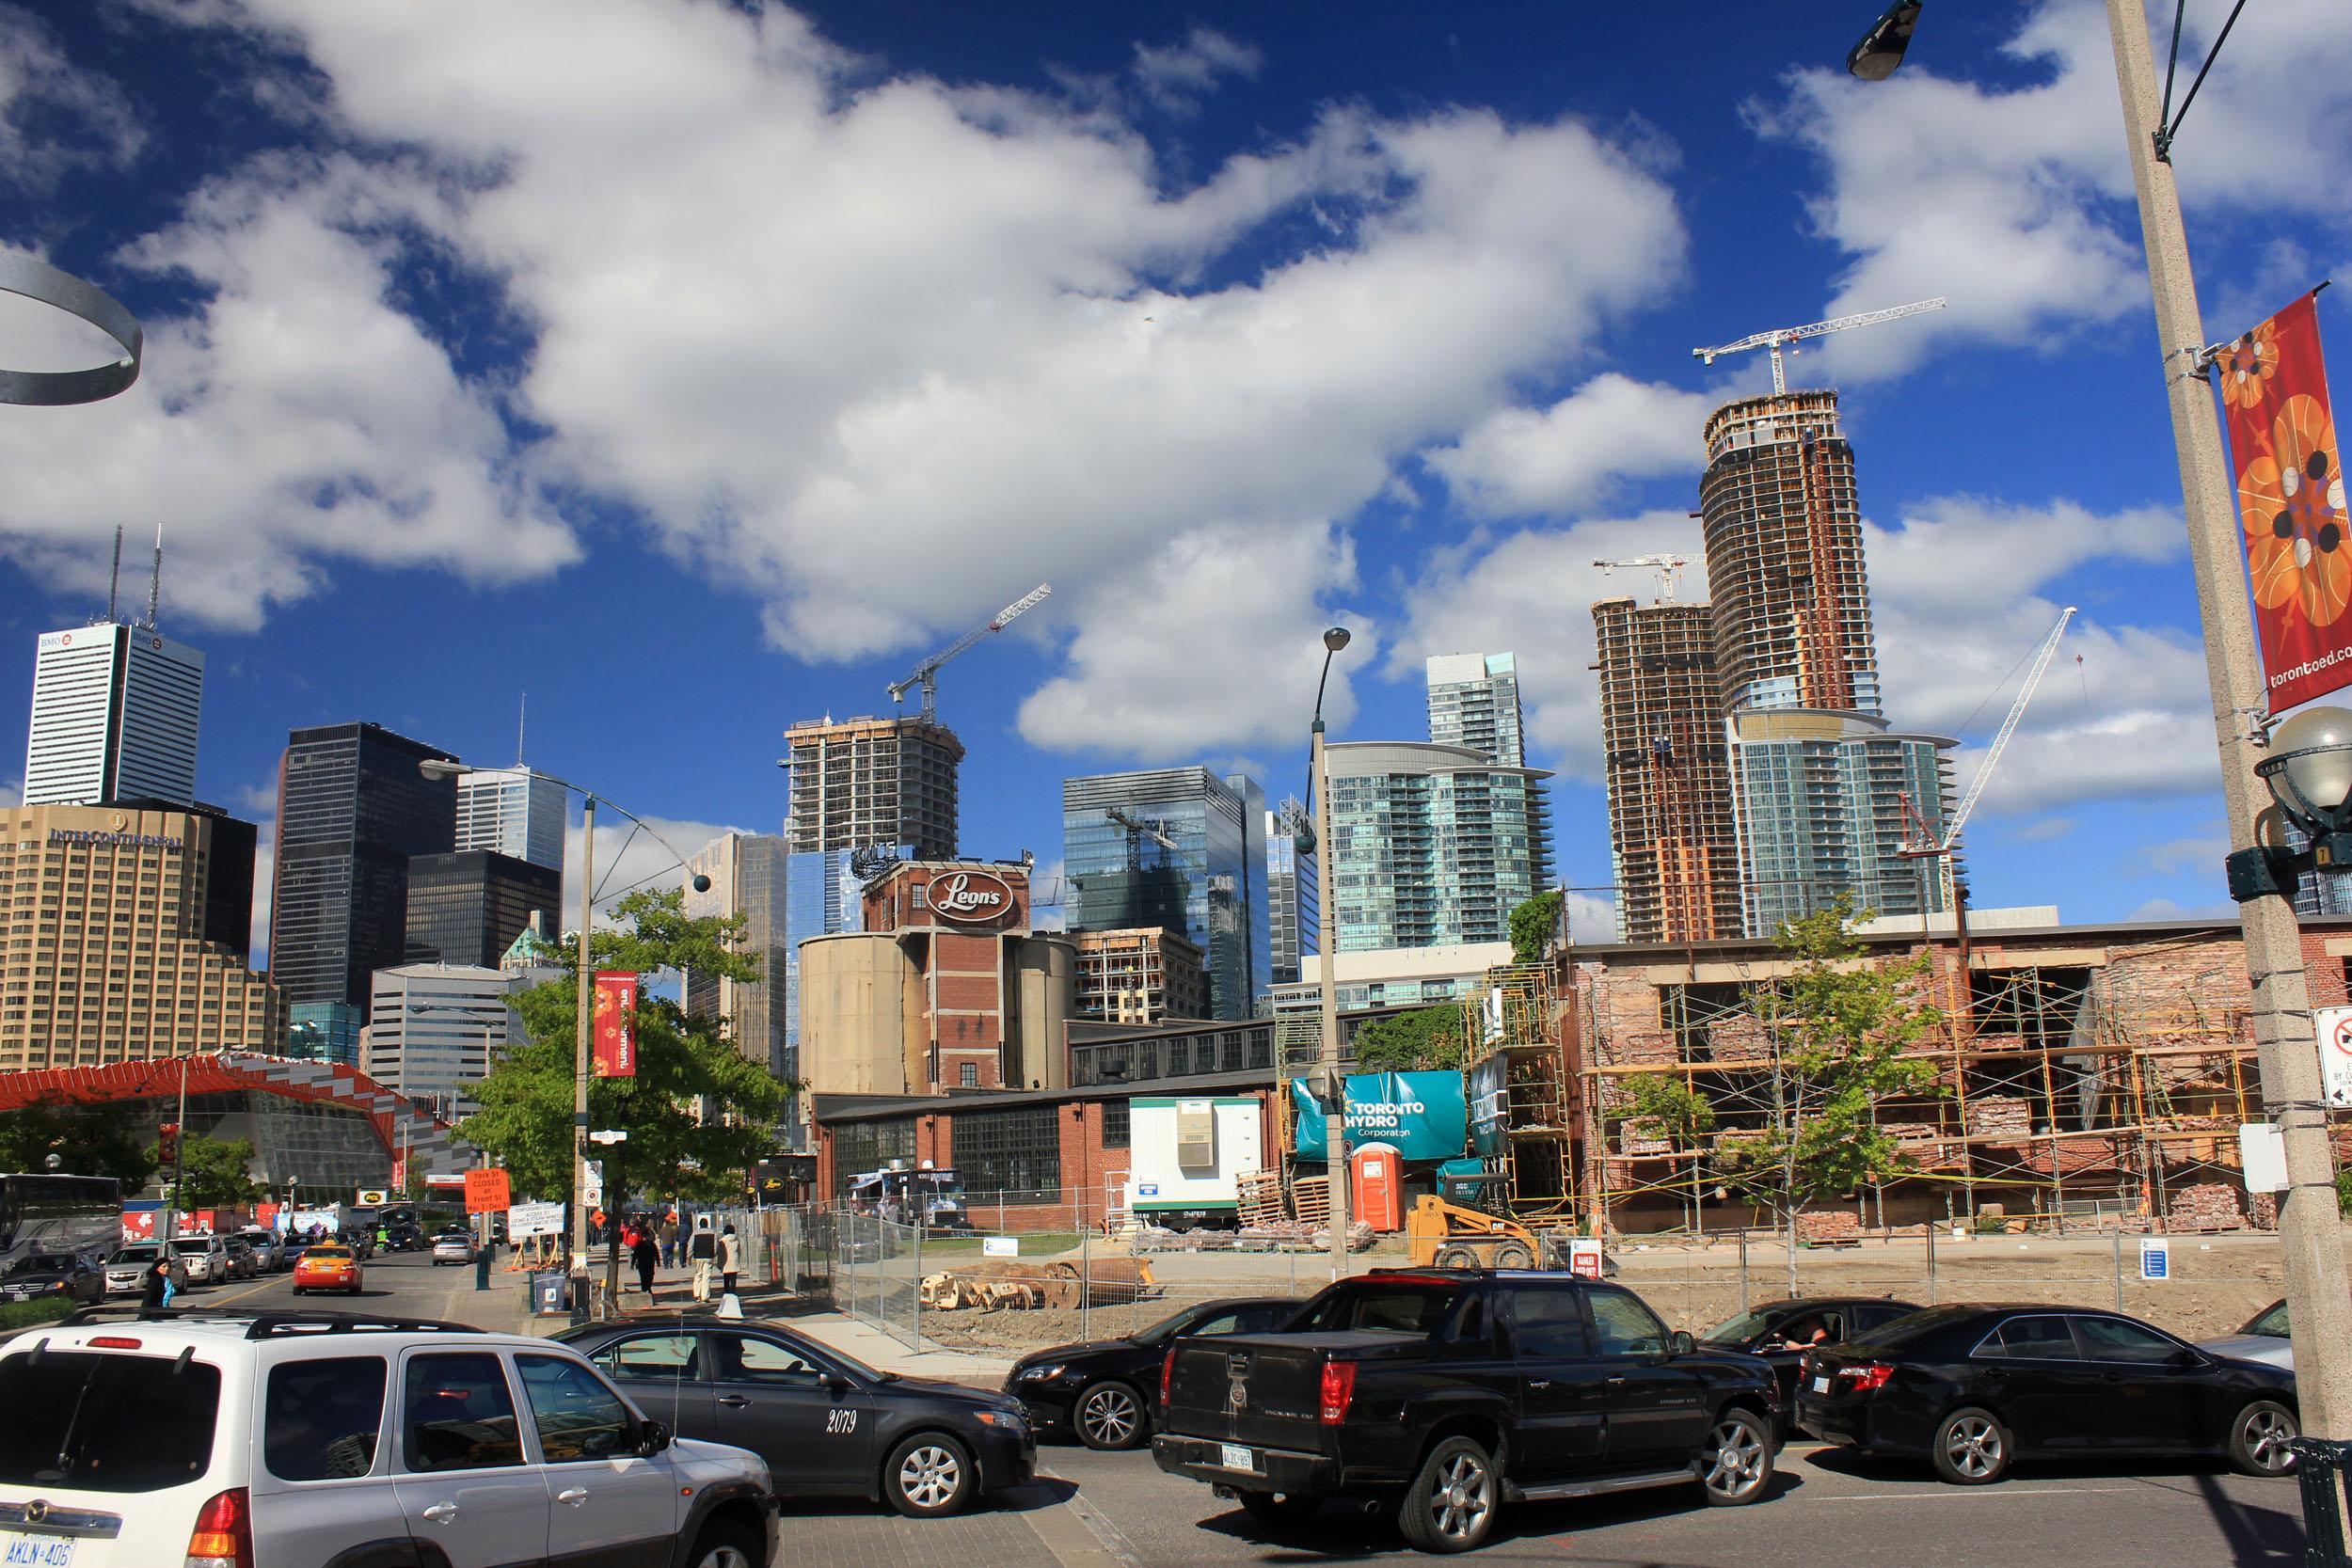 Free Photos   Canada Photos   Ontario Photos   Toronto ... b32a8a2ba61